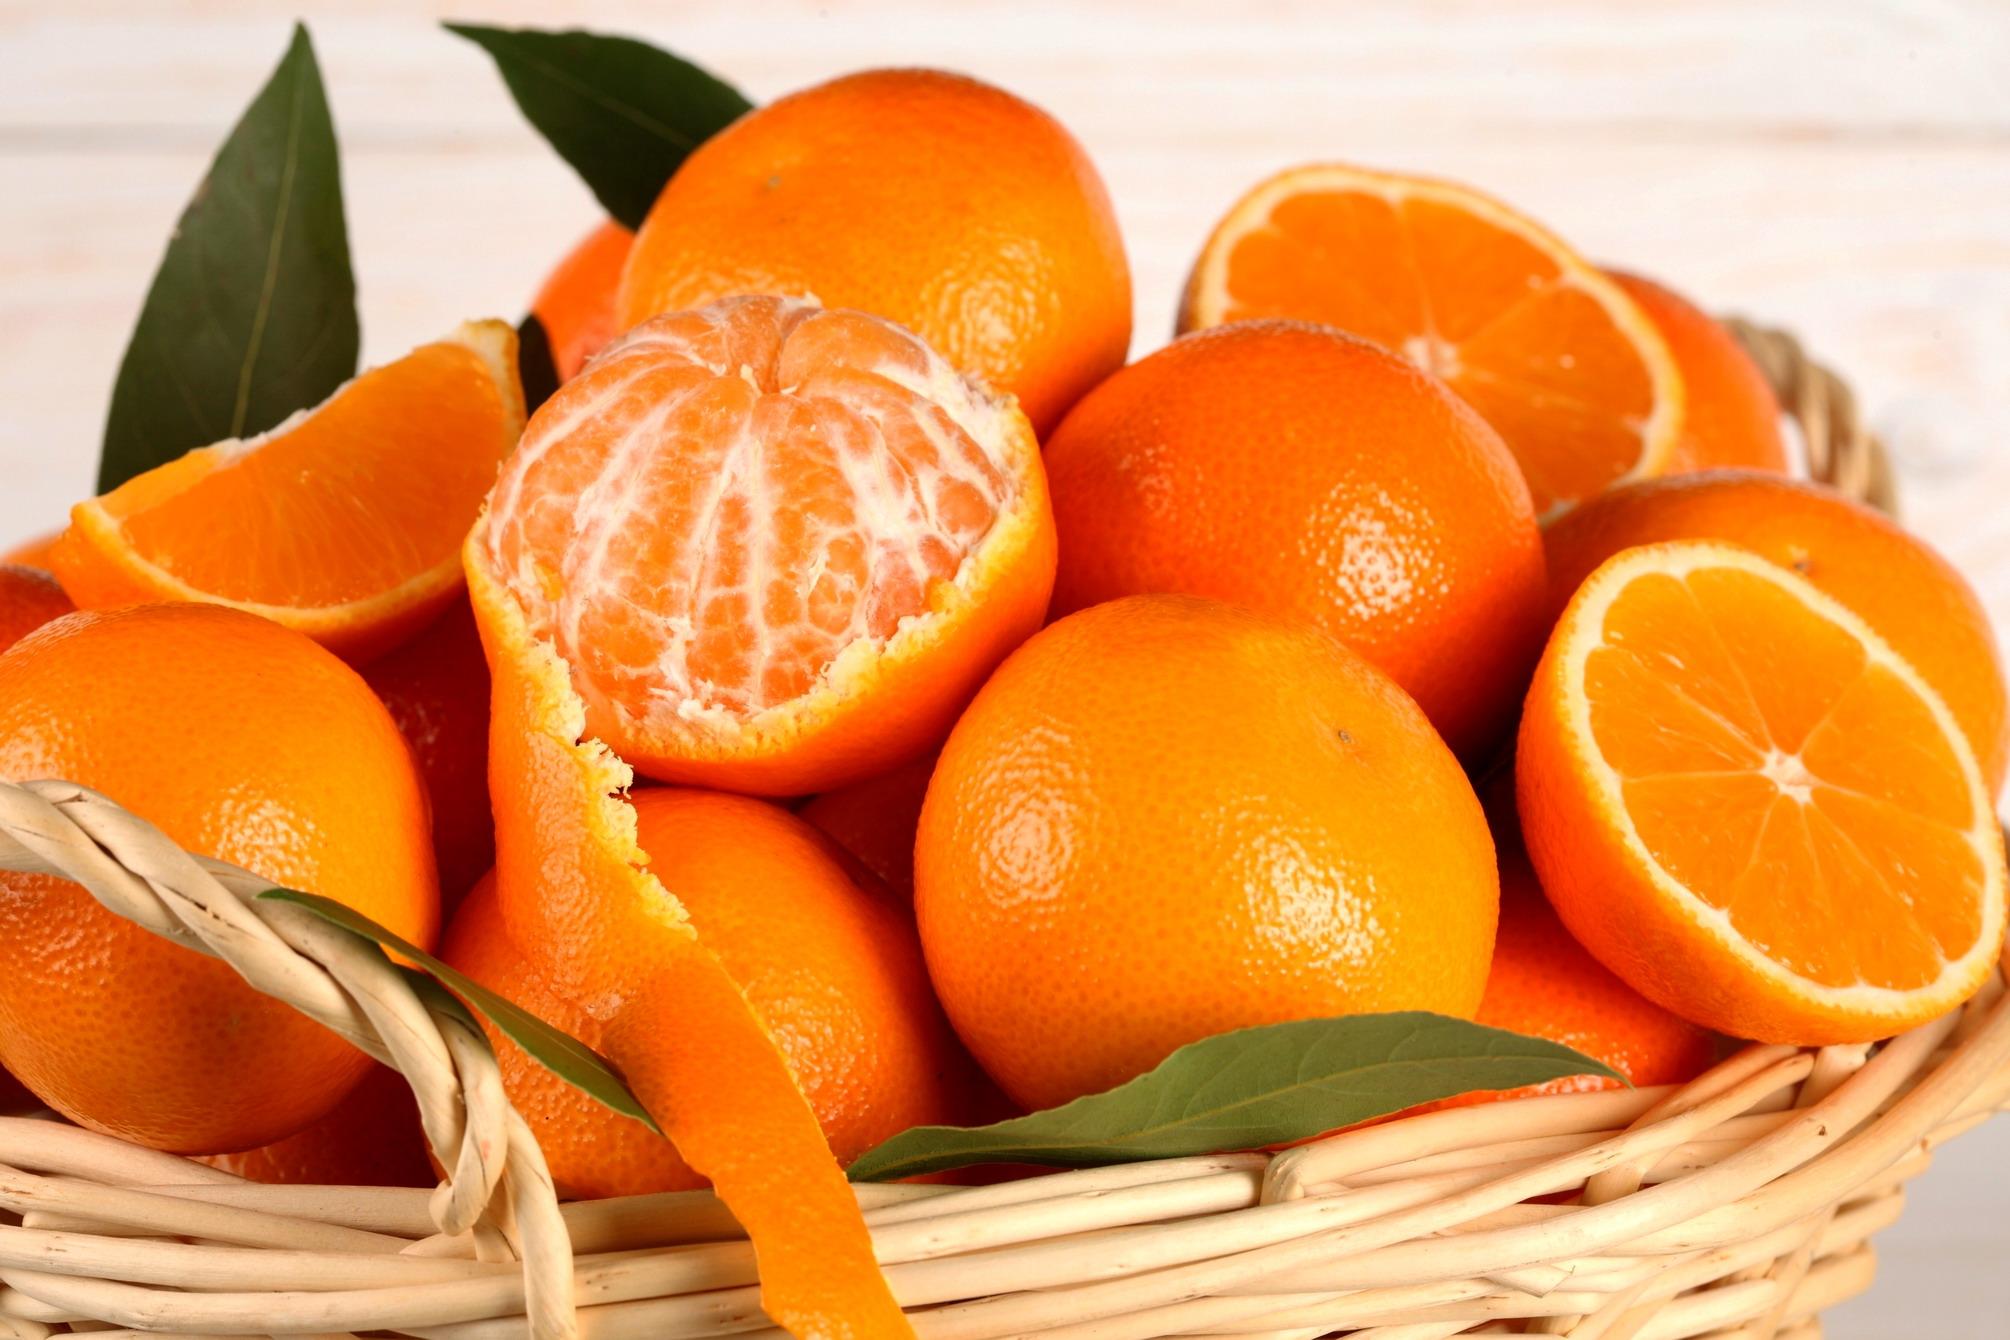 Risultati immagini per mandarini e arance